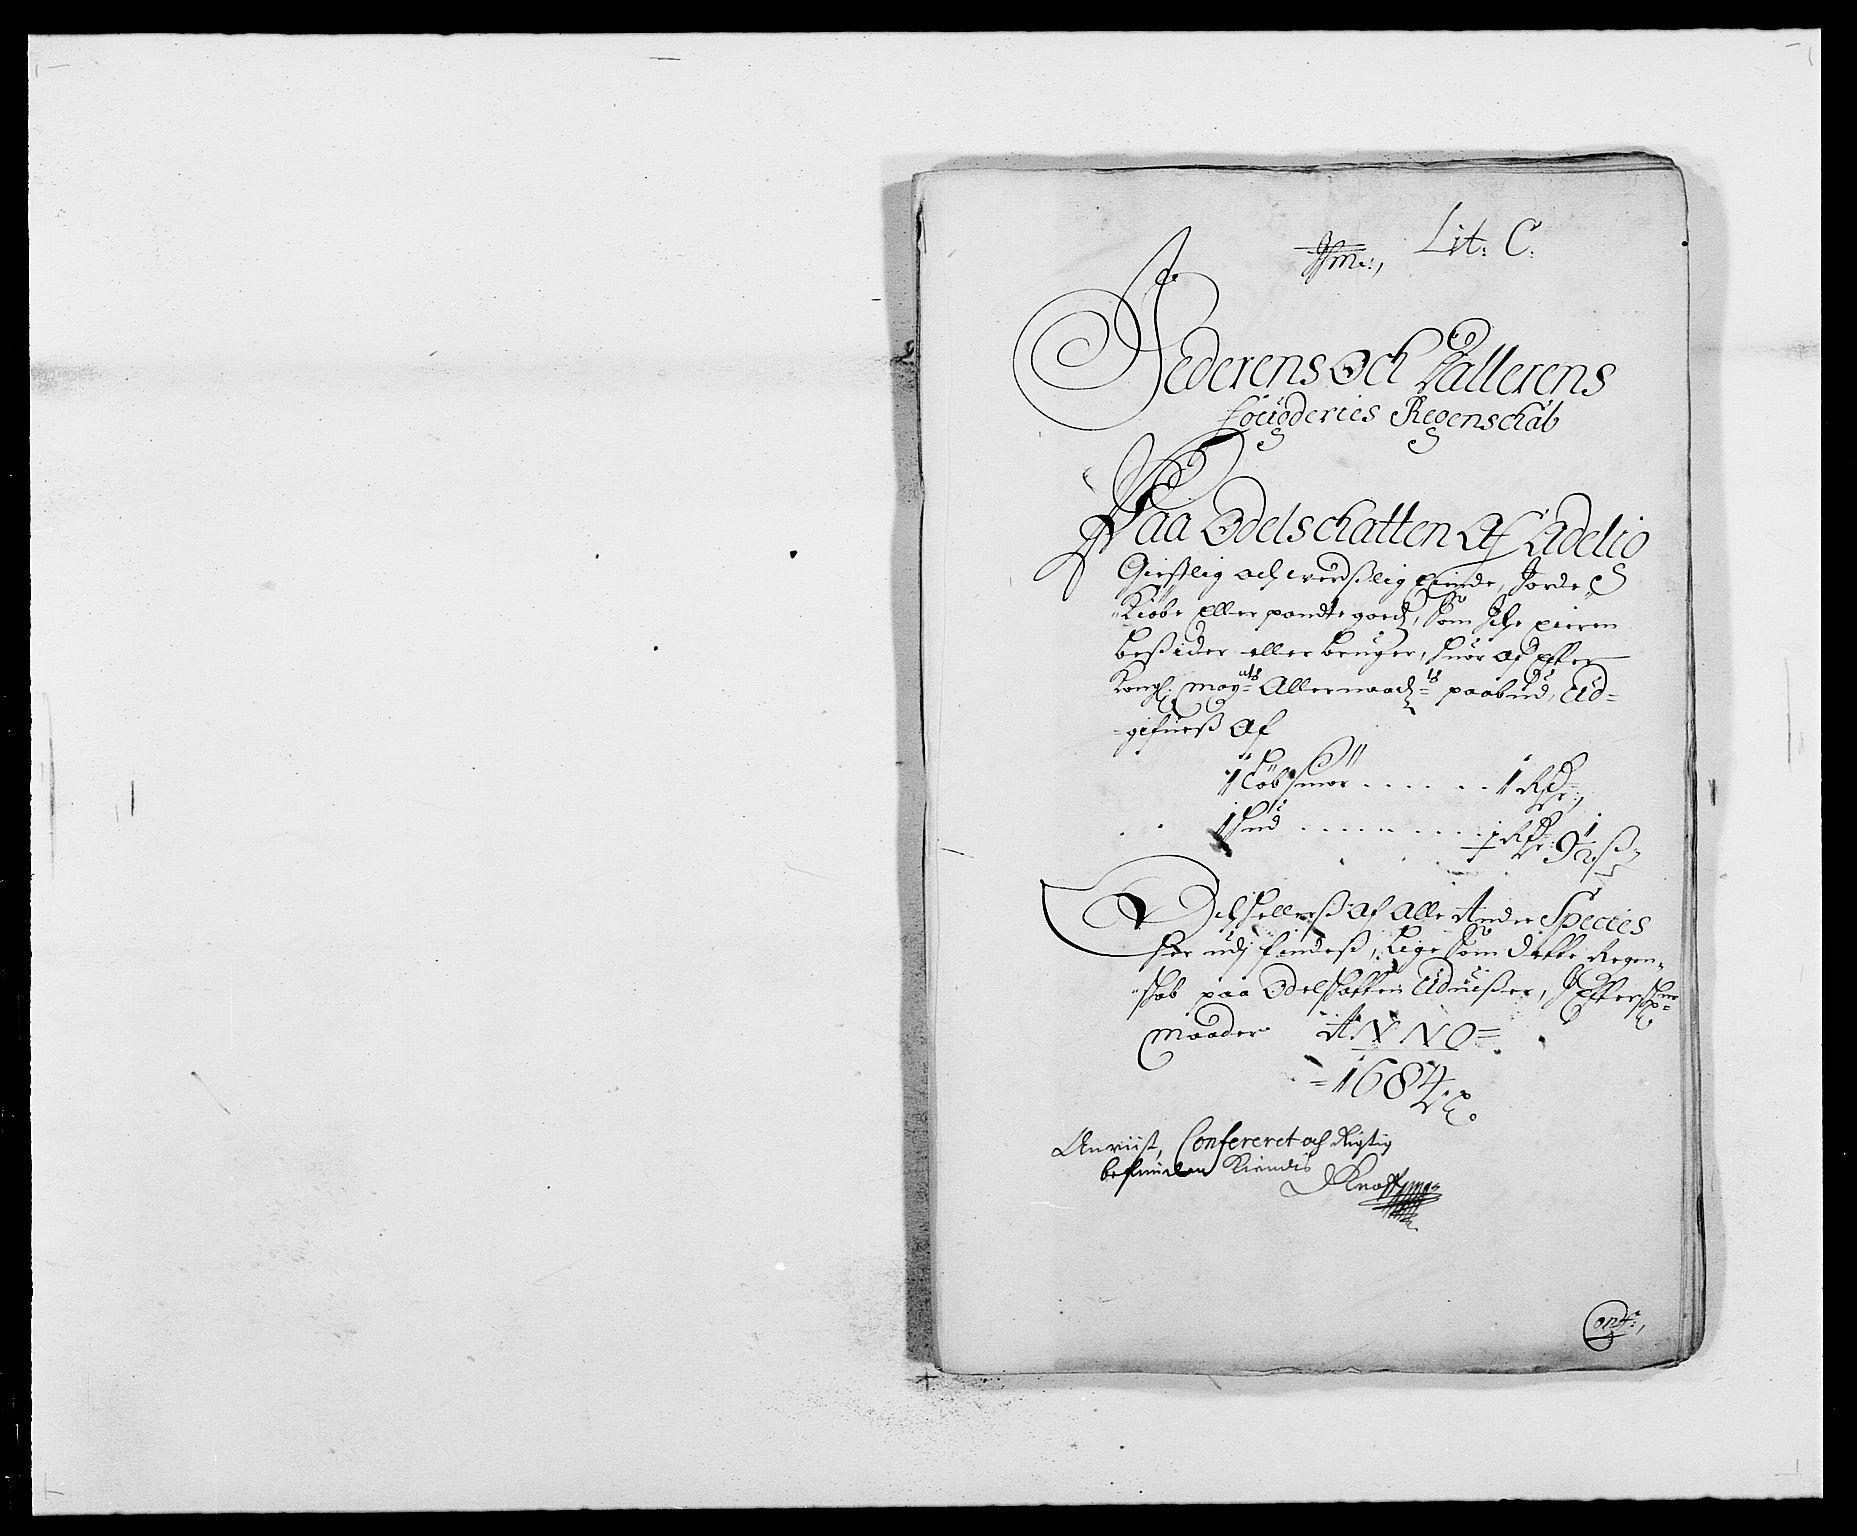 RA, Rentekammeret inntil 1814, Reviderte regnskaper, Fogderegnskap, R46/L2724: Fogderegnskap Jæren og Dalane, 1682-1684, s. 189